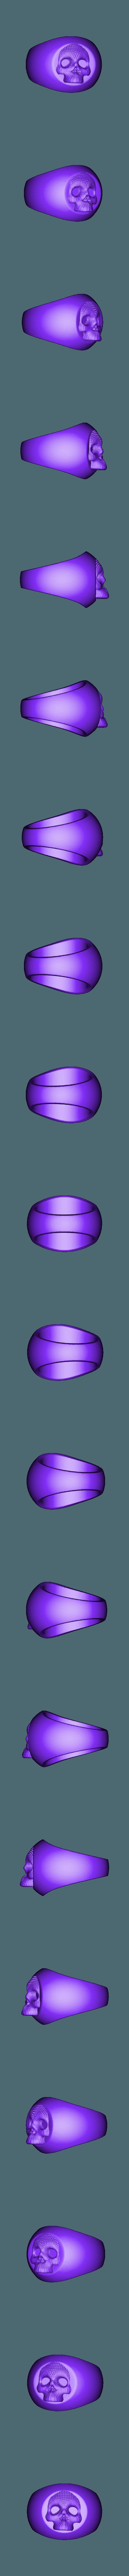 skullringlowpoly.stl Download free STL file Skullring • 3D print object, cchampjr